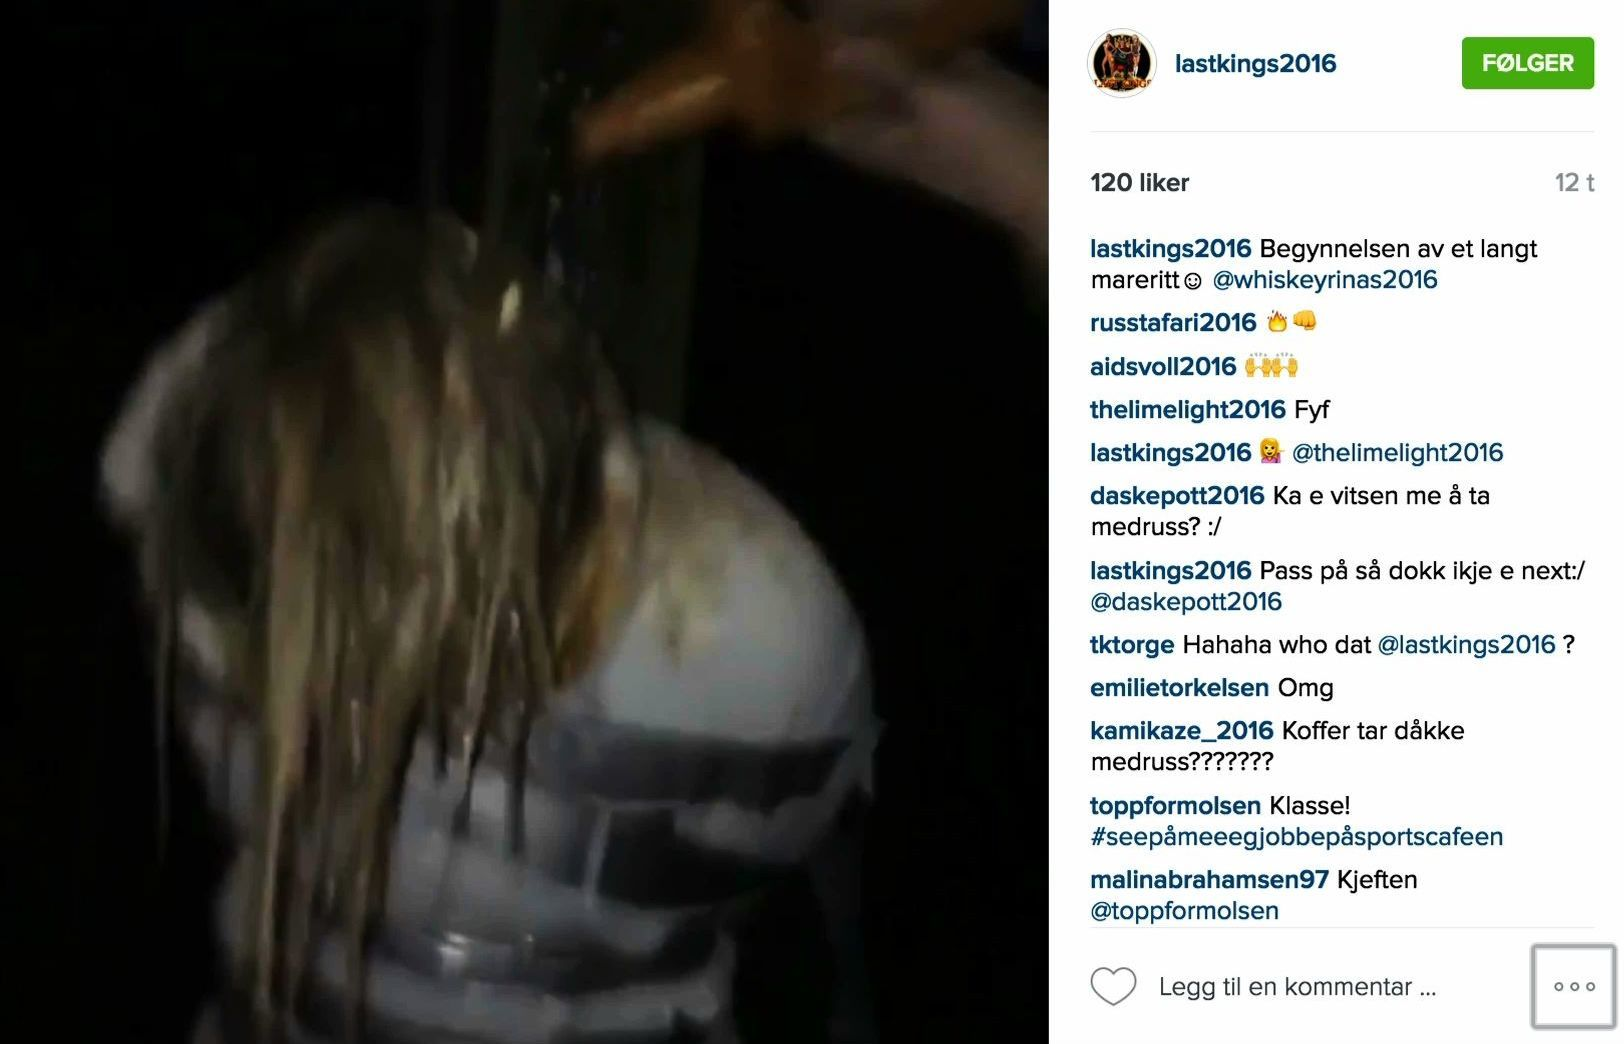 TEIPET FAST OG DYNKET: Malin Abrahamsen ble kidnappet av kompisene på vanen Last Kings 2016